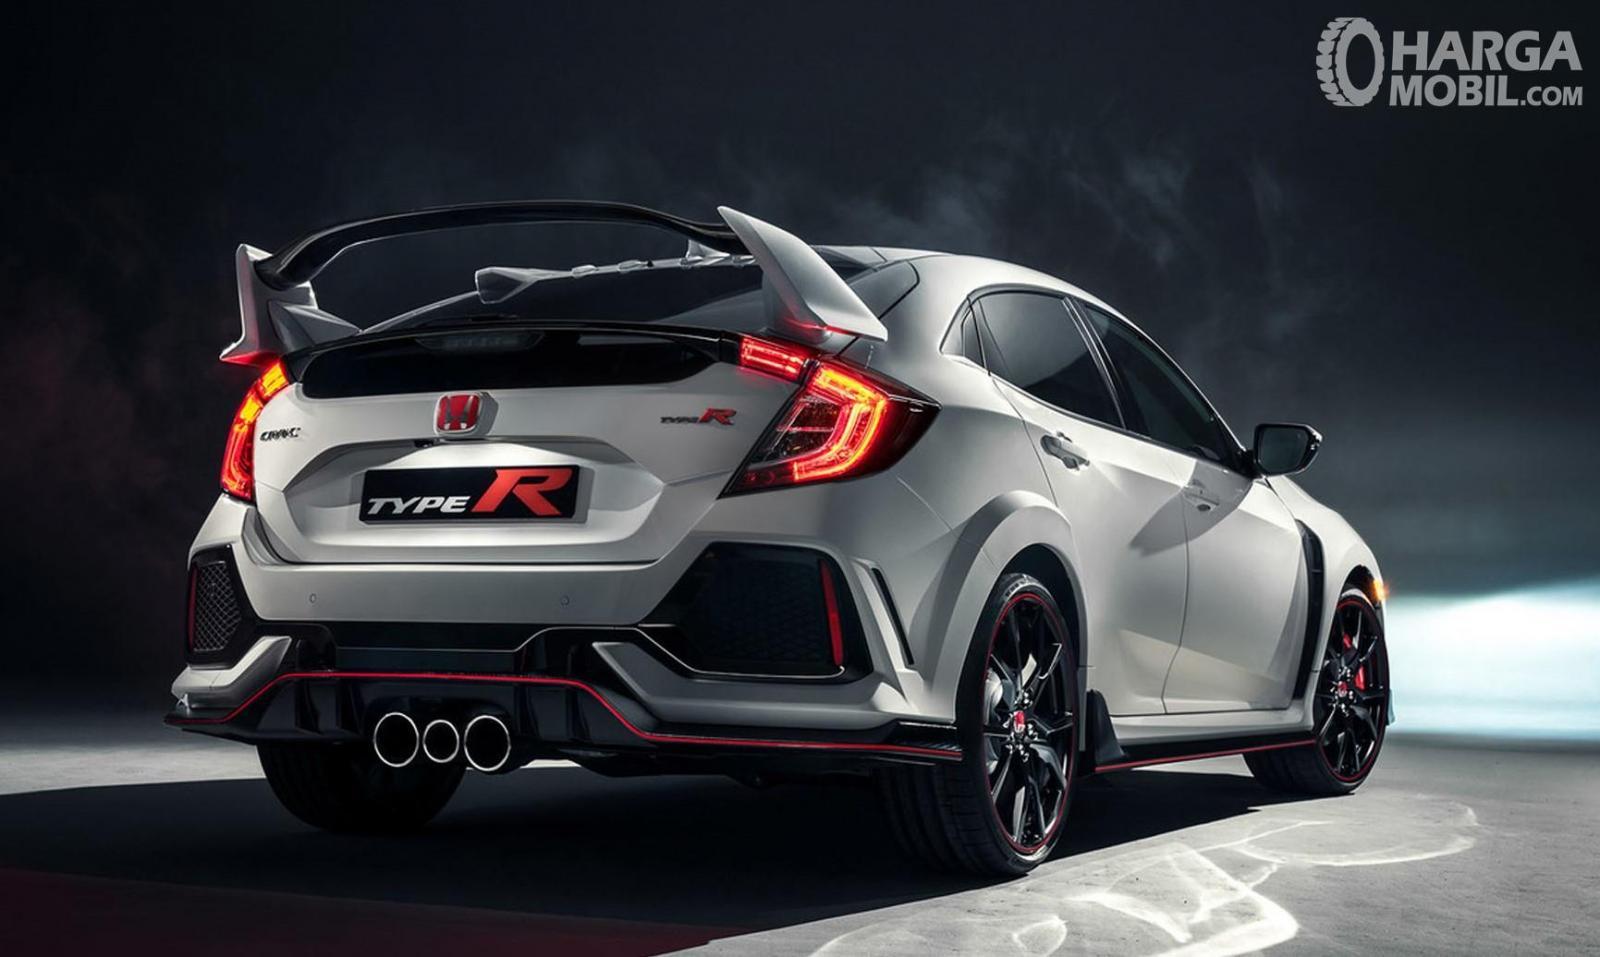 Foto menunjukkan Honda Civic Type R tampak belakang